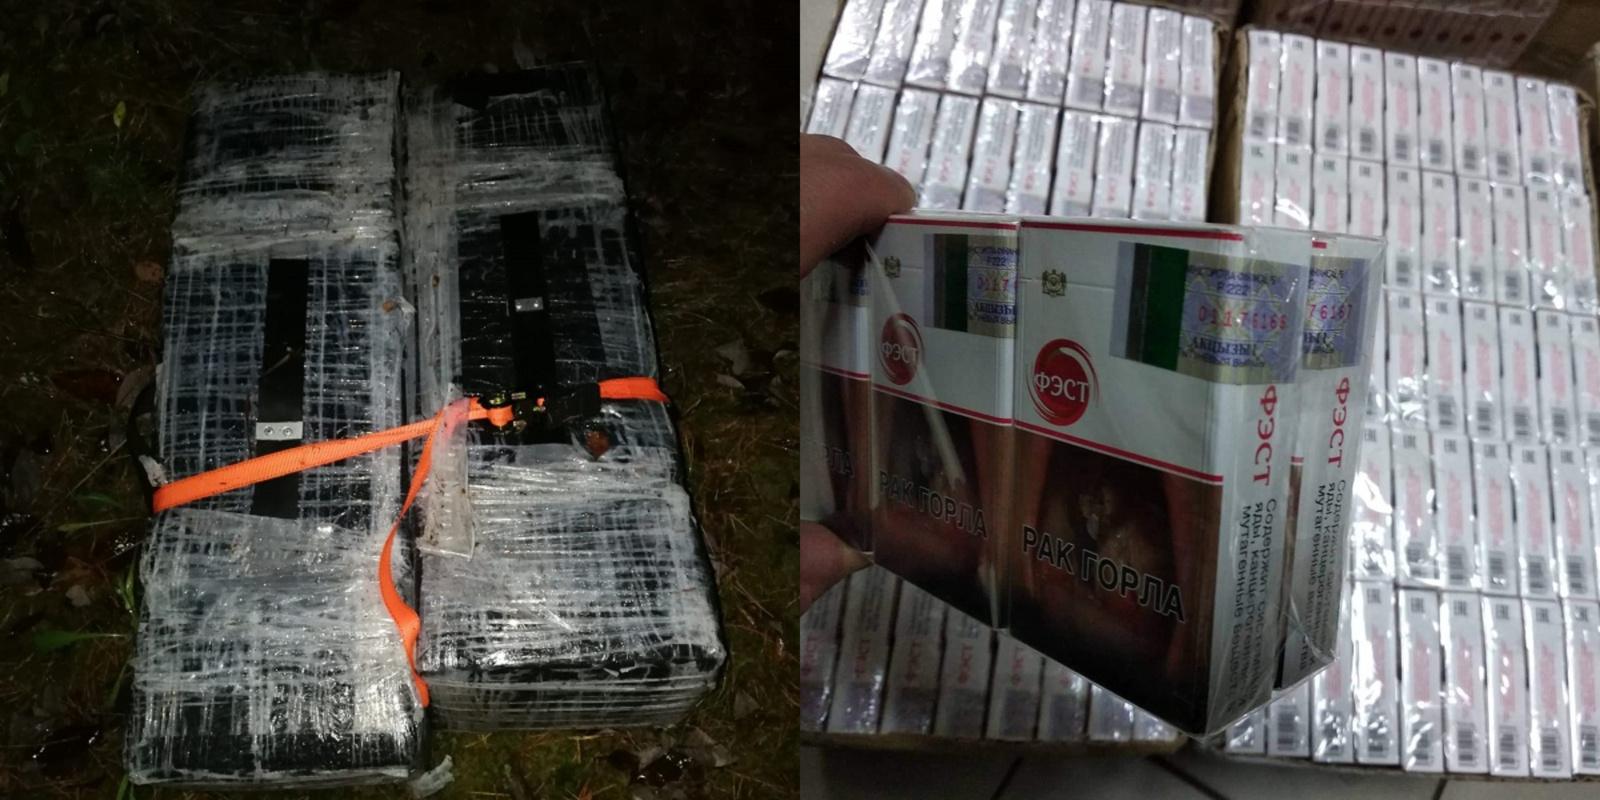 Švenčionių rajono miške kontrabandininkai pametė 2 tūkstančius pakelių cigarečių